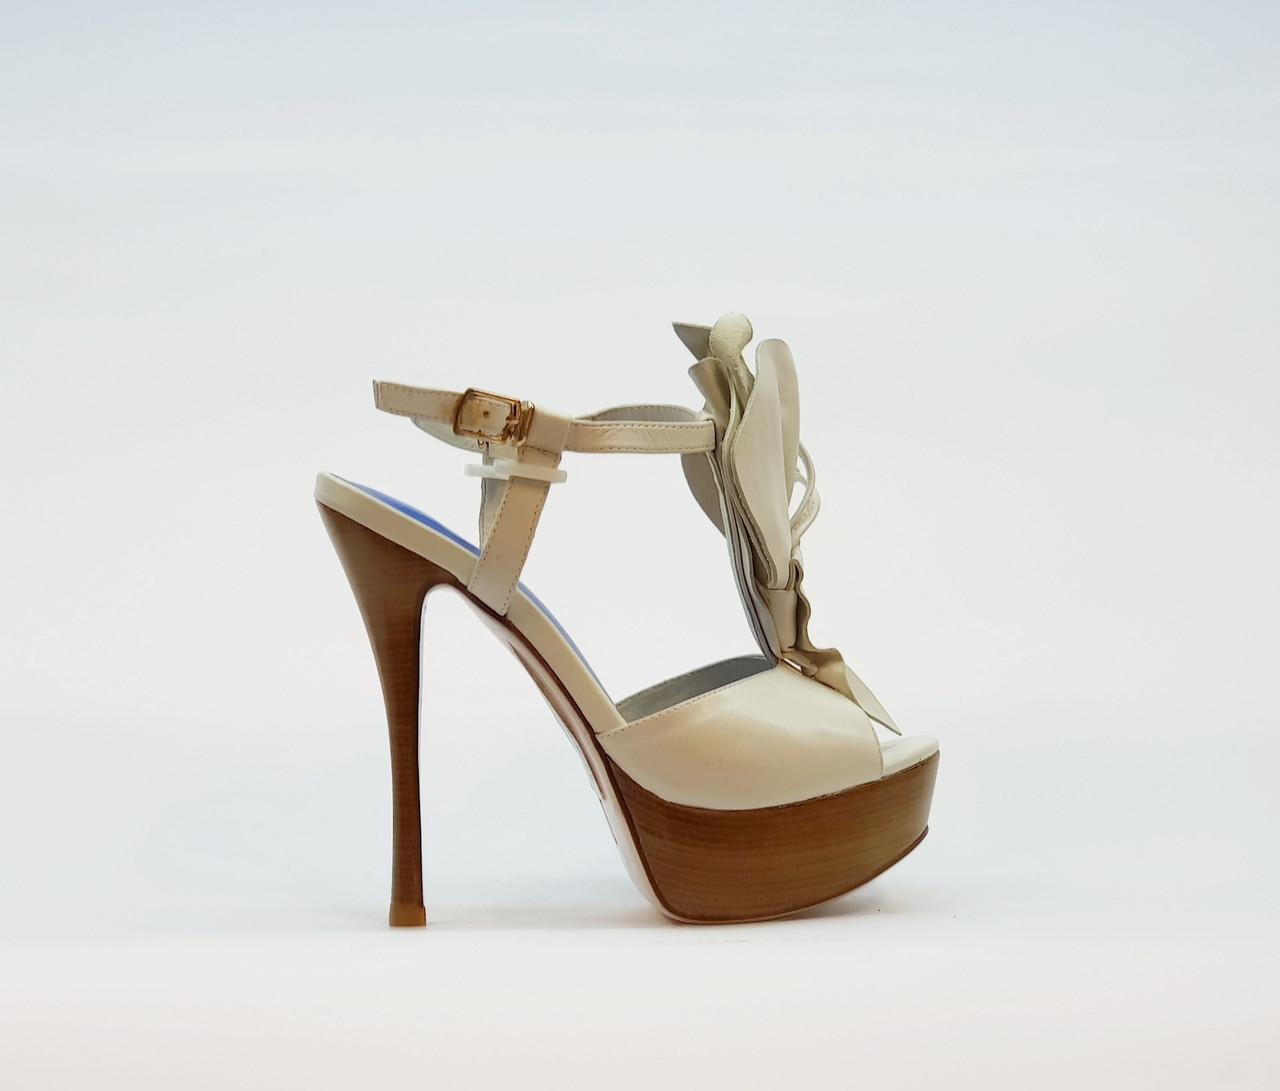 Босоножки женские из натуральной кожи на высоком каблуке шпилька и платформе белые